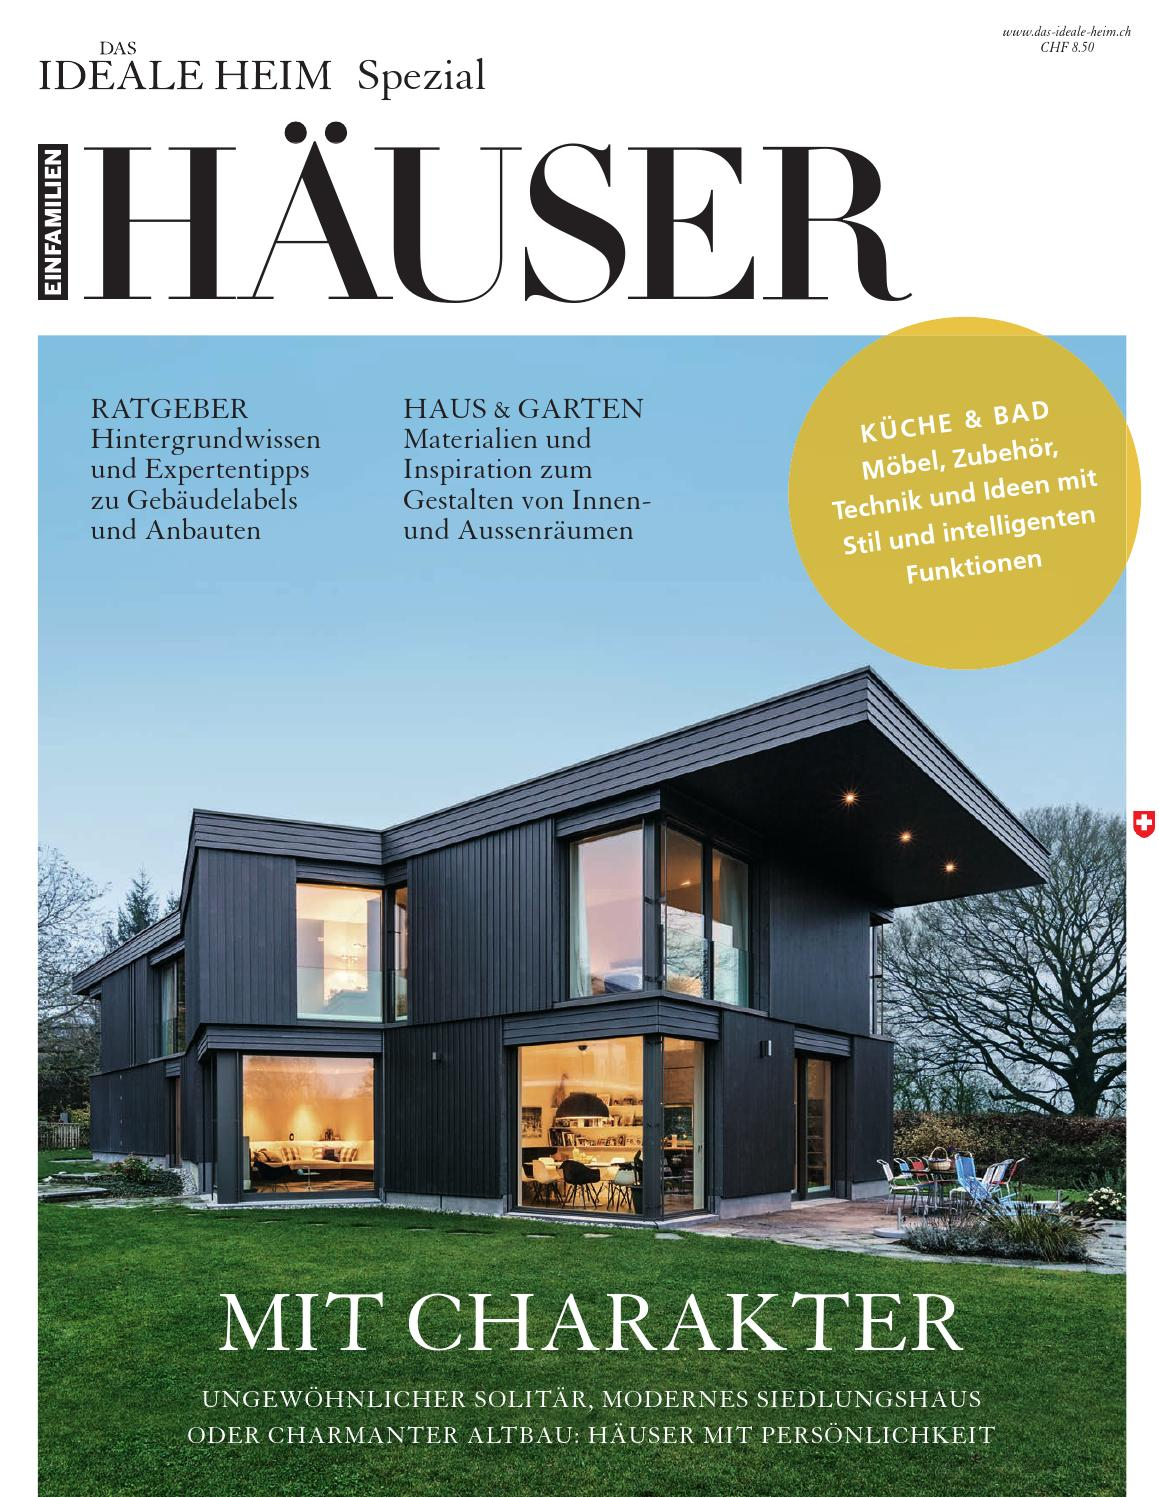 Einfamilienhäuser – Das Ideale Heim Spezial by Archithema Verlag - issuu